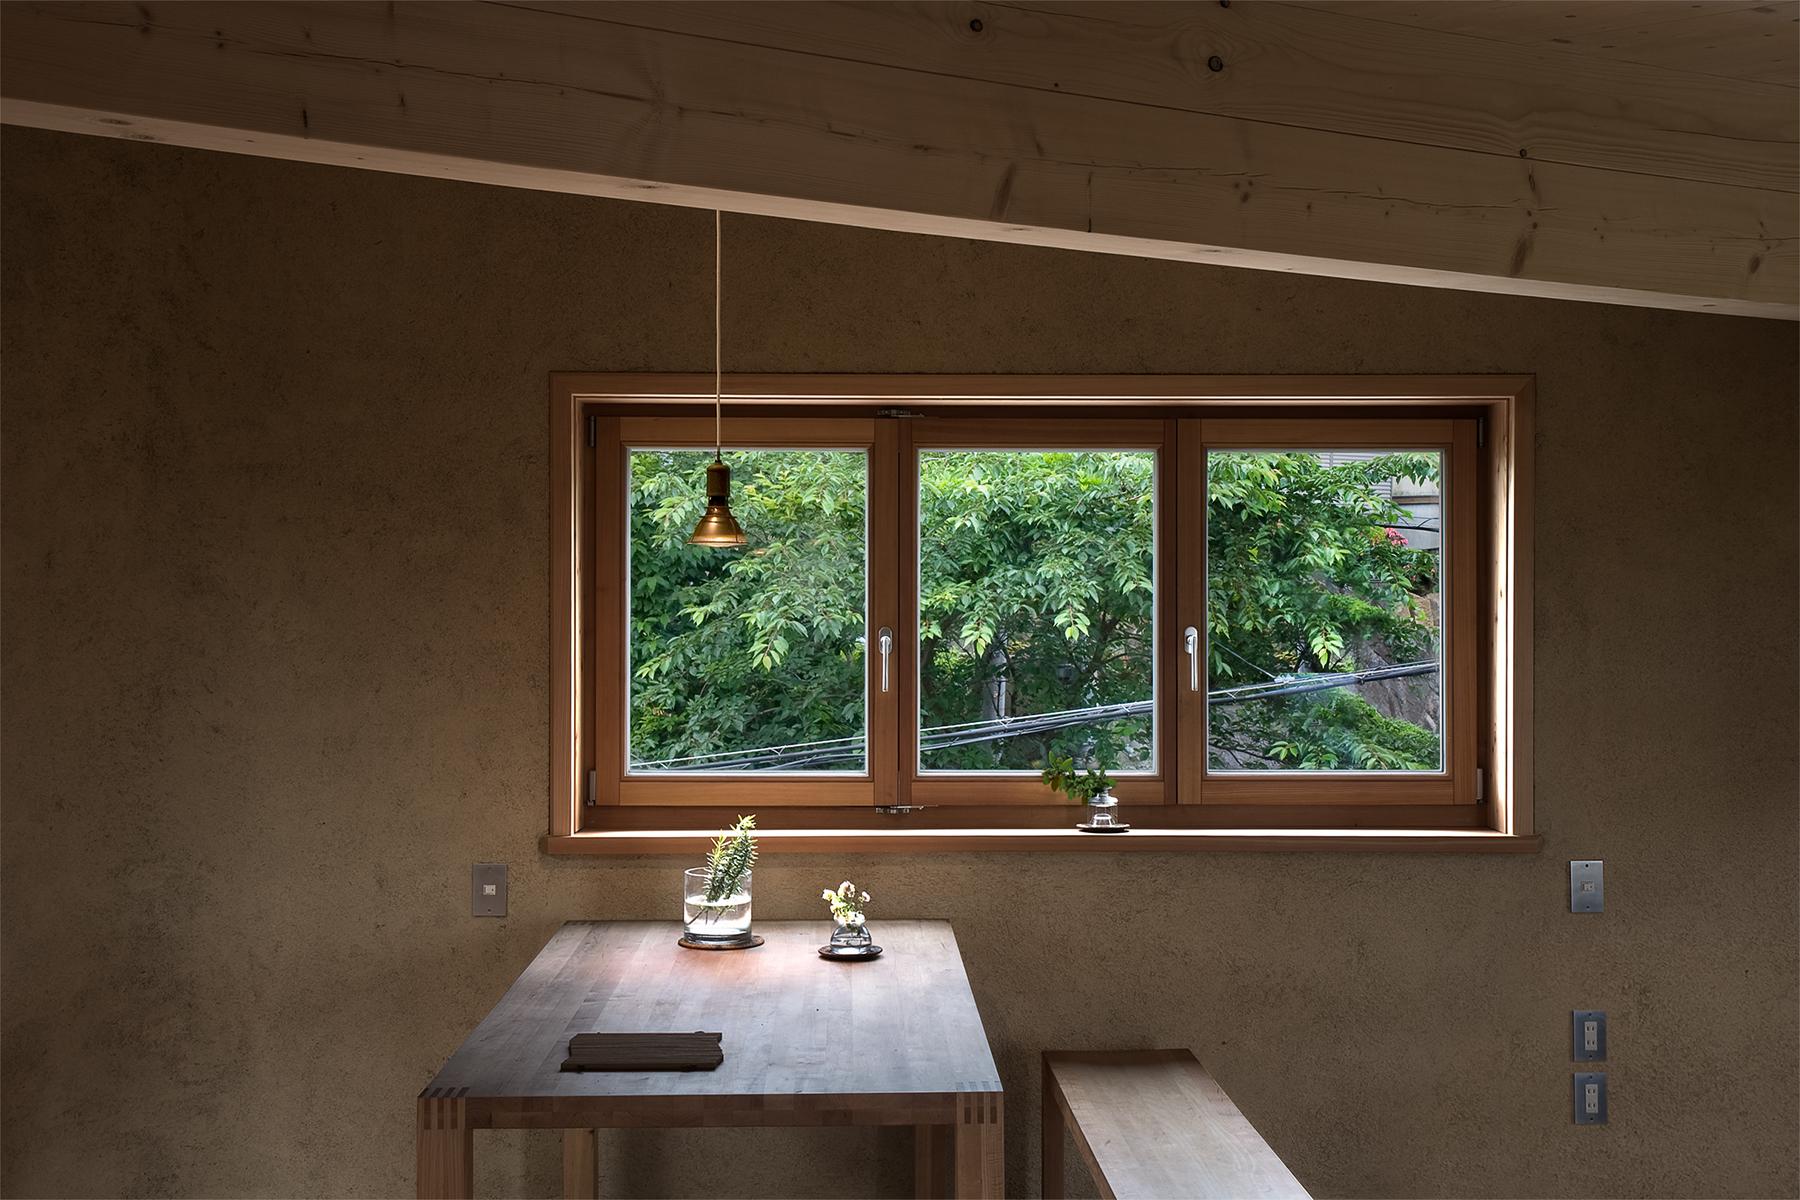 Kitchen T S Zero Energy House Kamakura Japan Ronald Kreimel